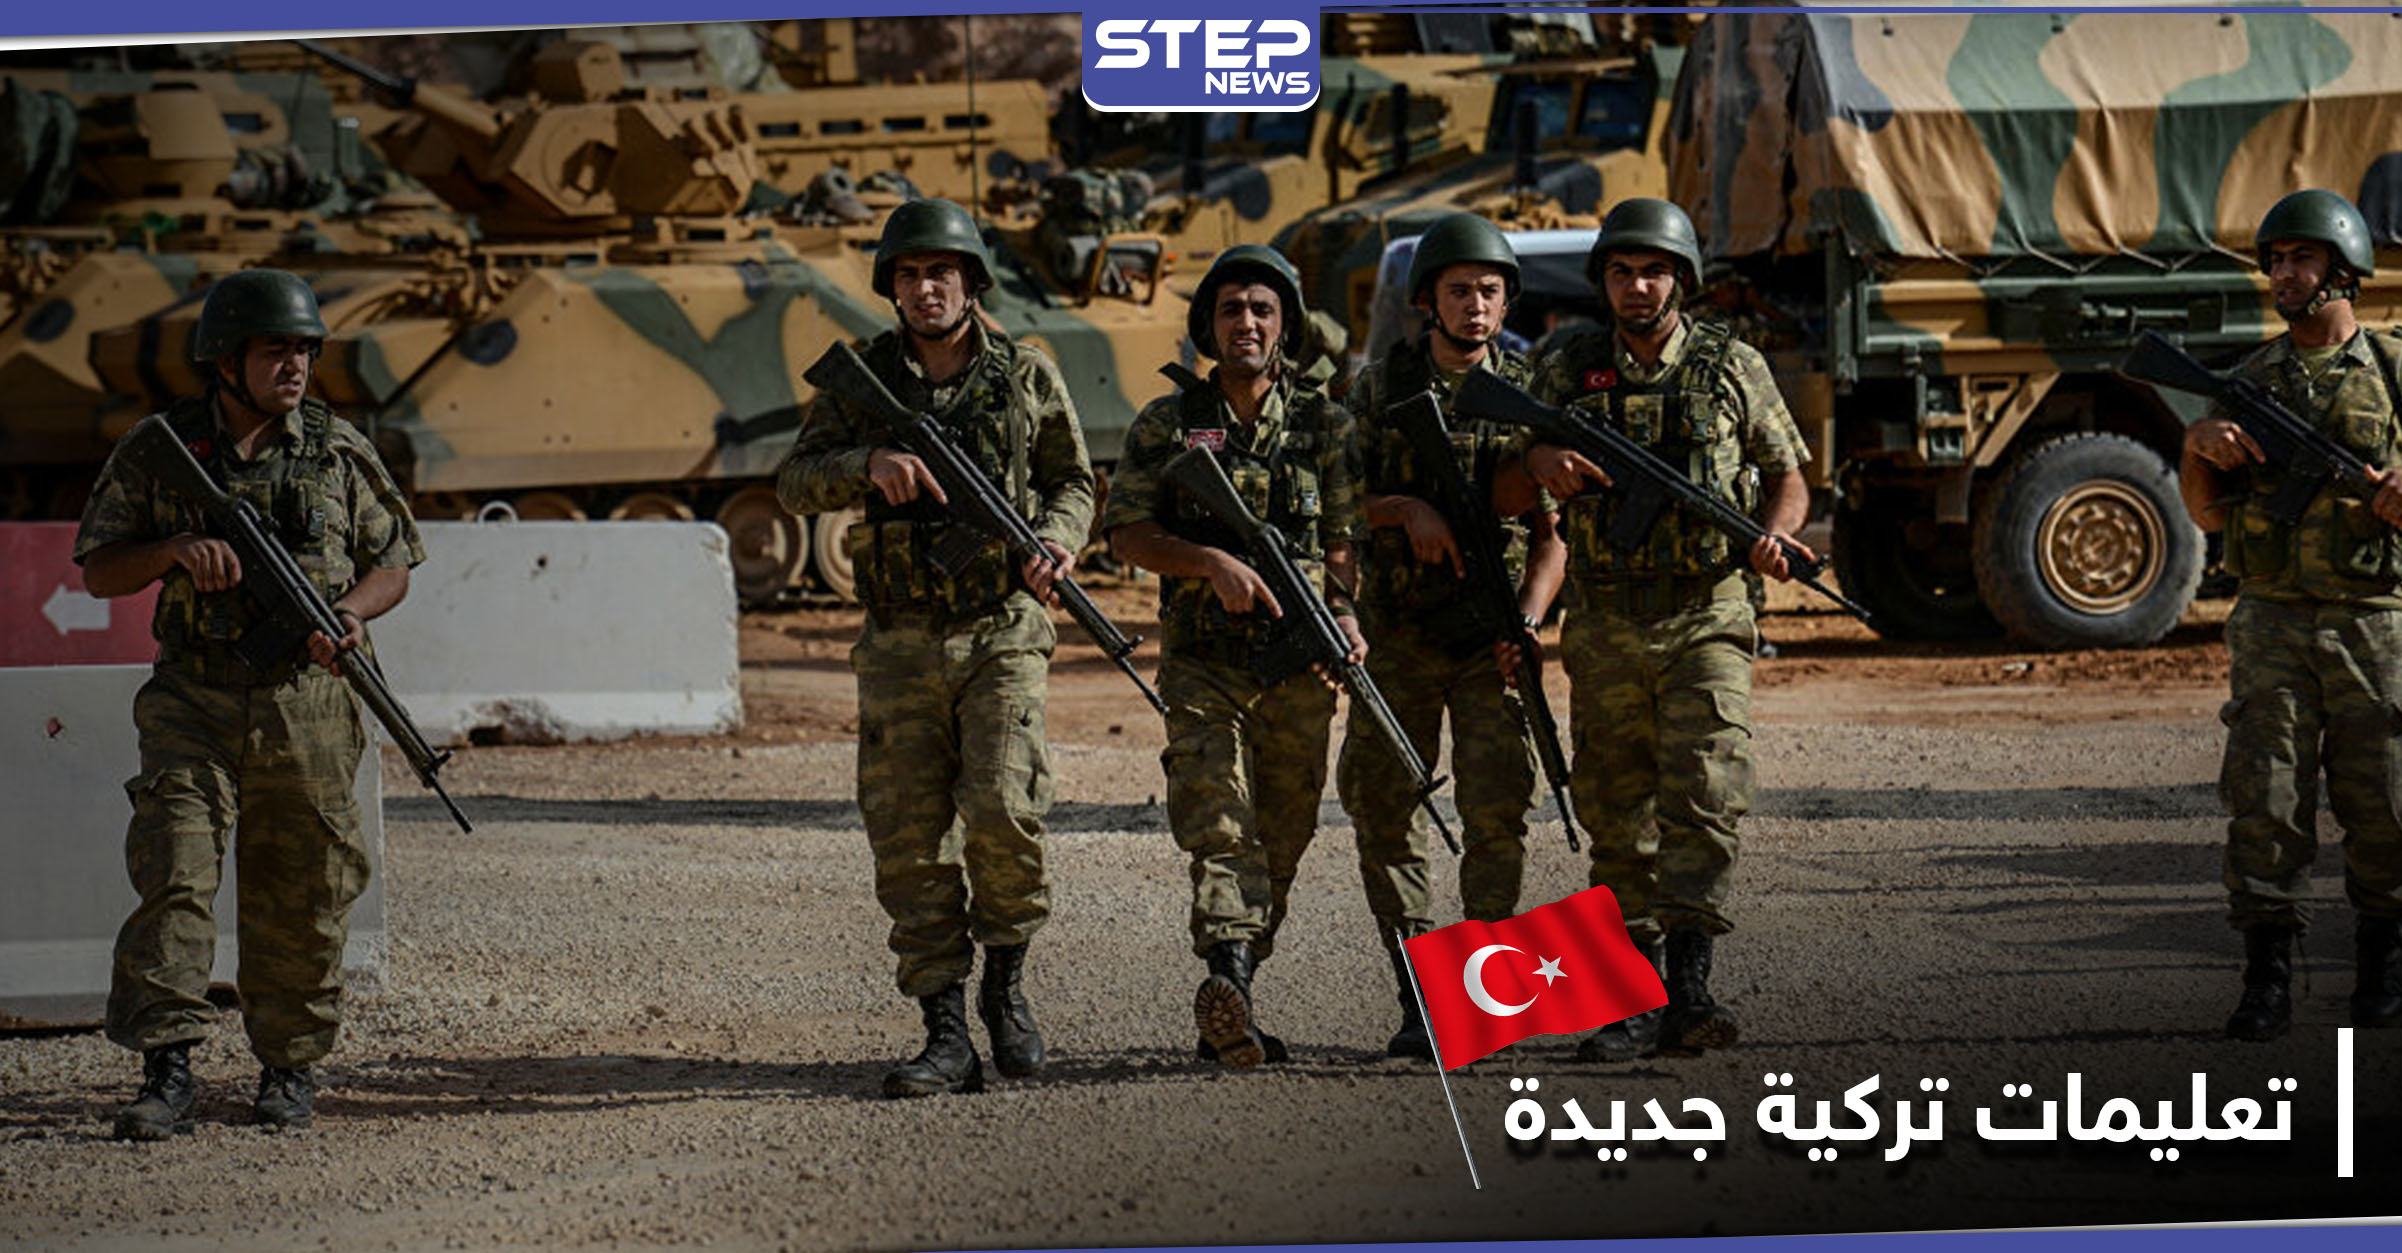 الجيش التركي يصدر تعليمات للفرق الكيميائية والنووية